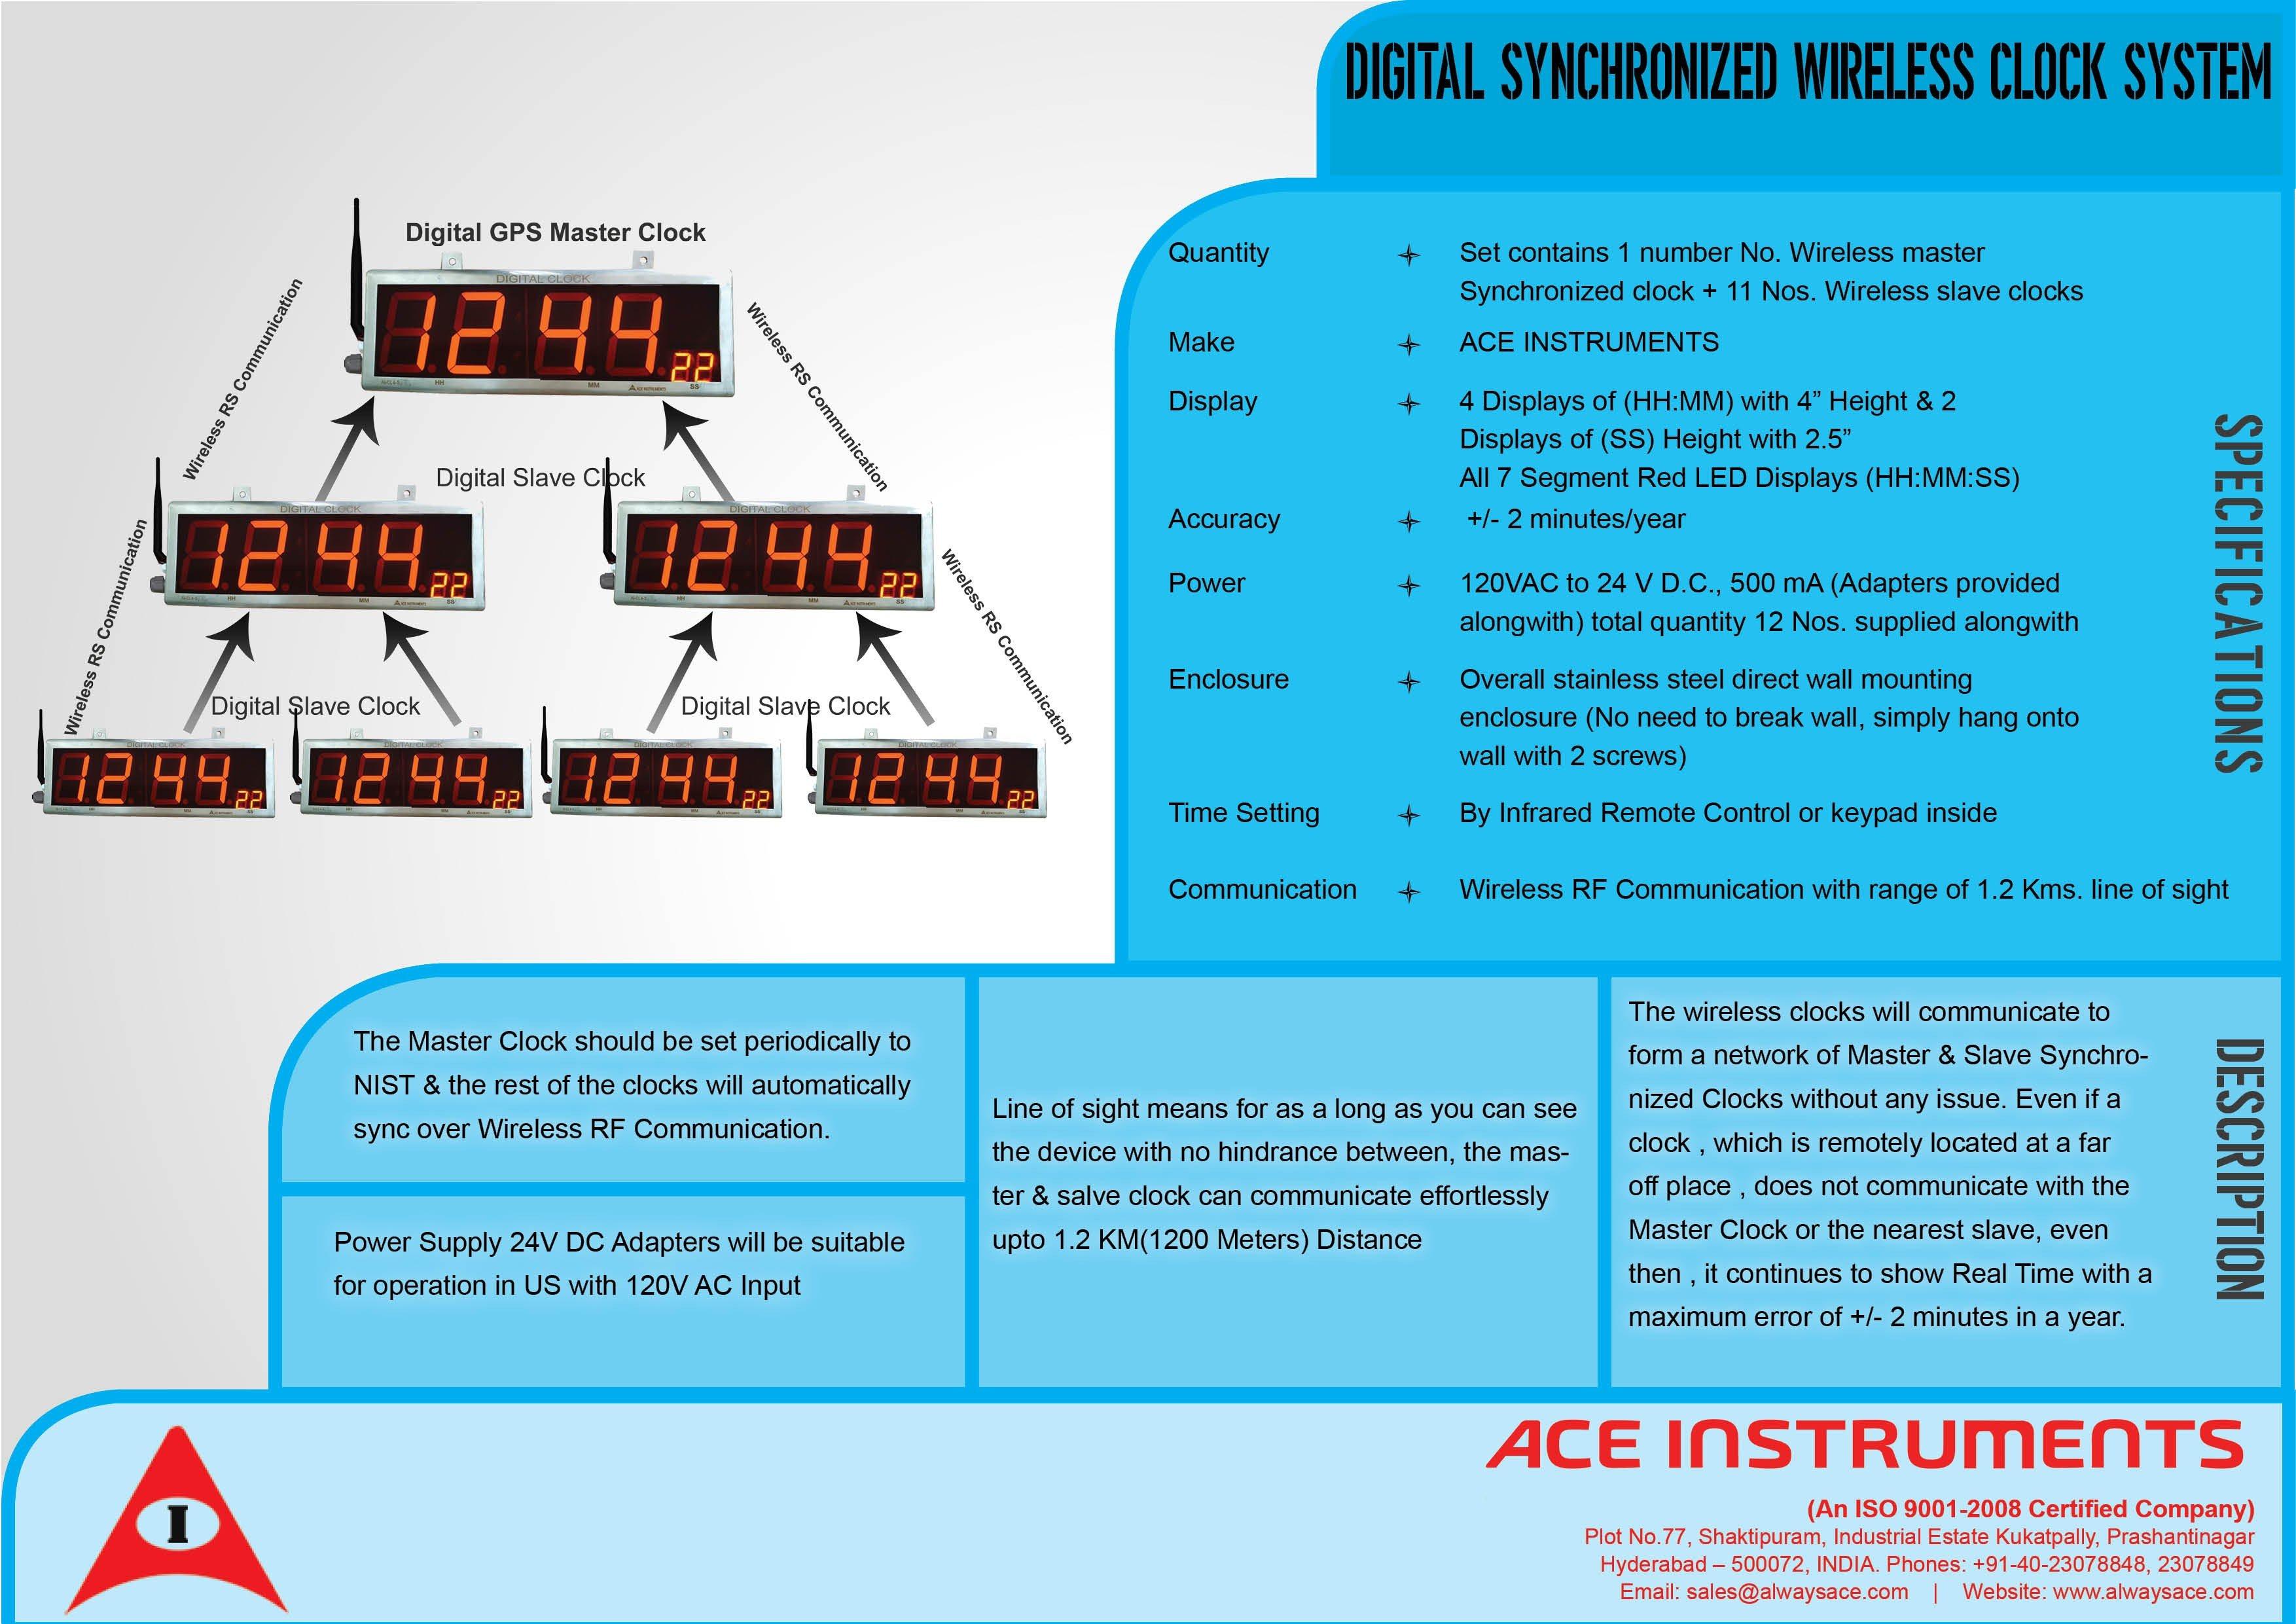 Wireless clock,Digital Synchronized Wireless Clock System,Wireless Clock System